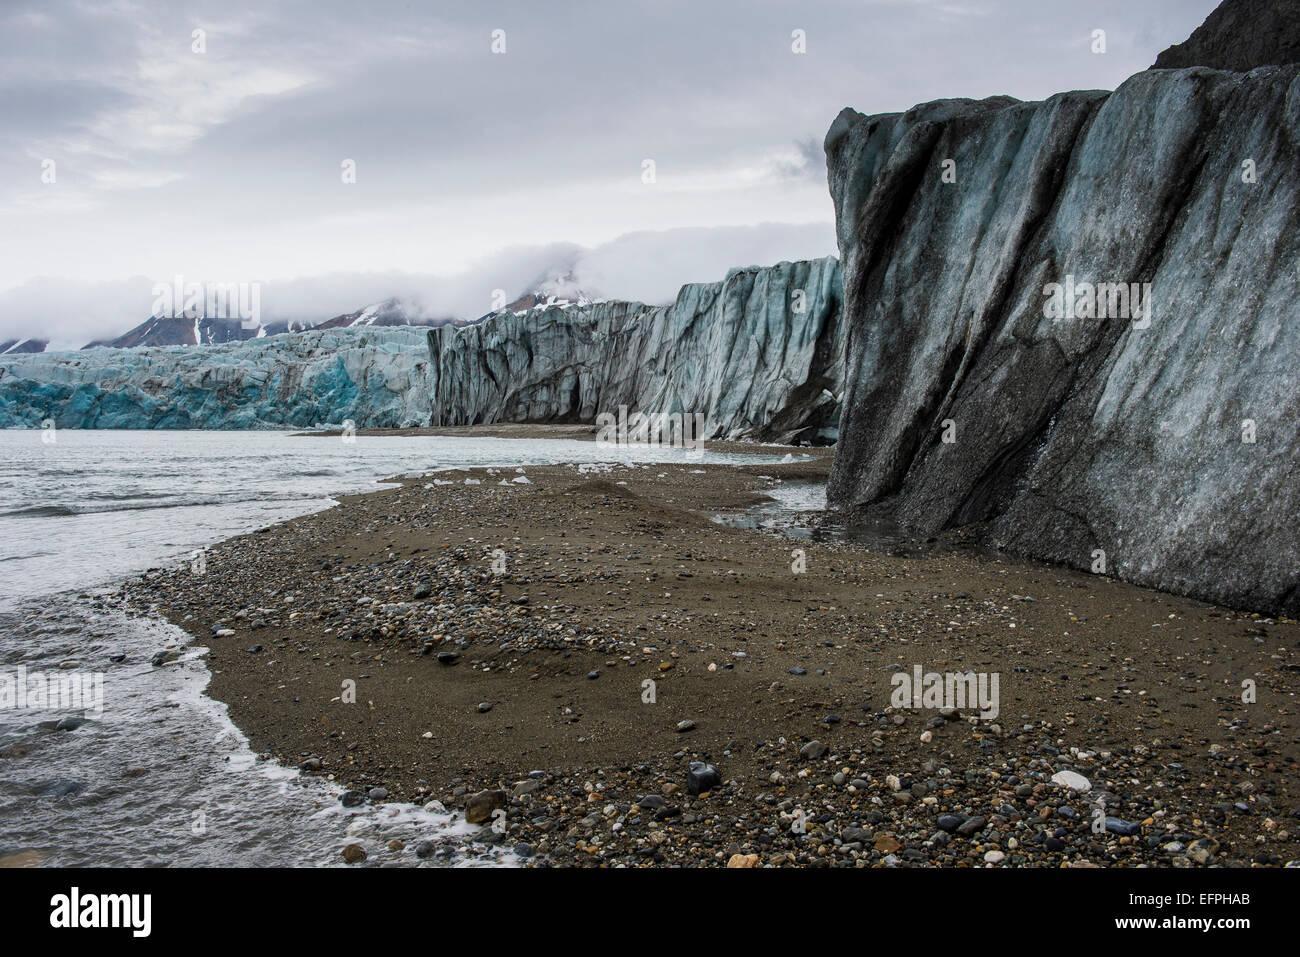 Gravel beach in front of a huge glacier in Hornsund, Svalbard, Arctic, Norway, Scandinavia, Europe - Stock Image